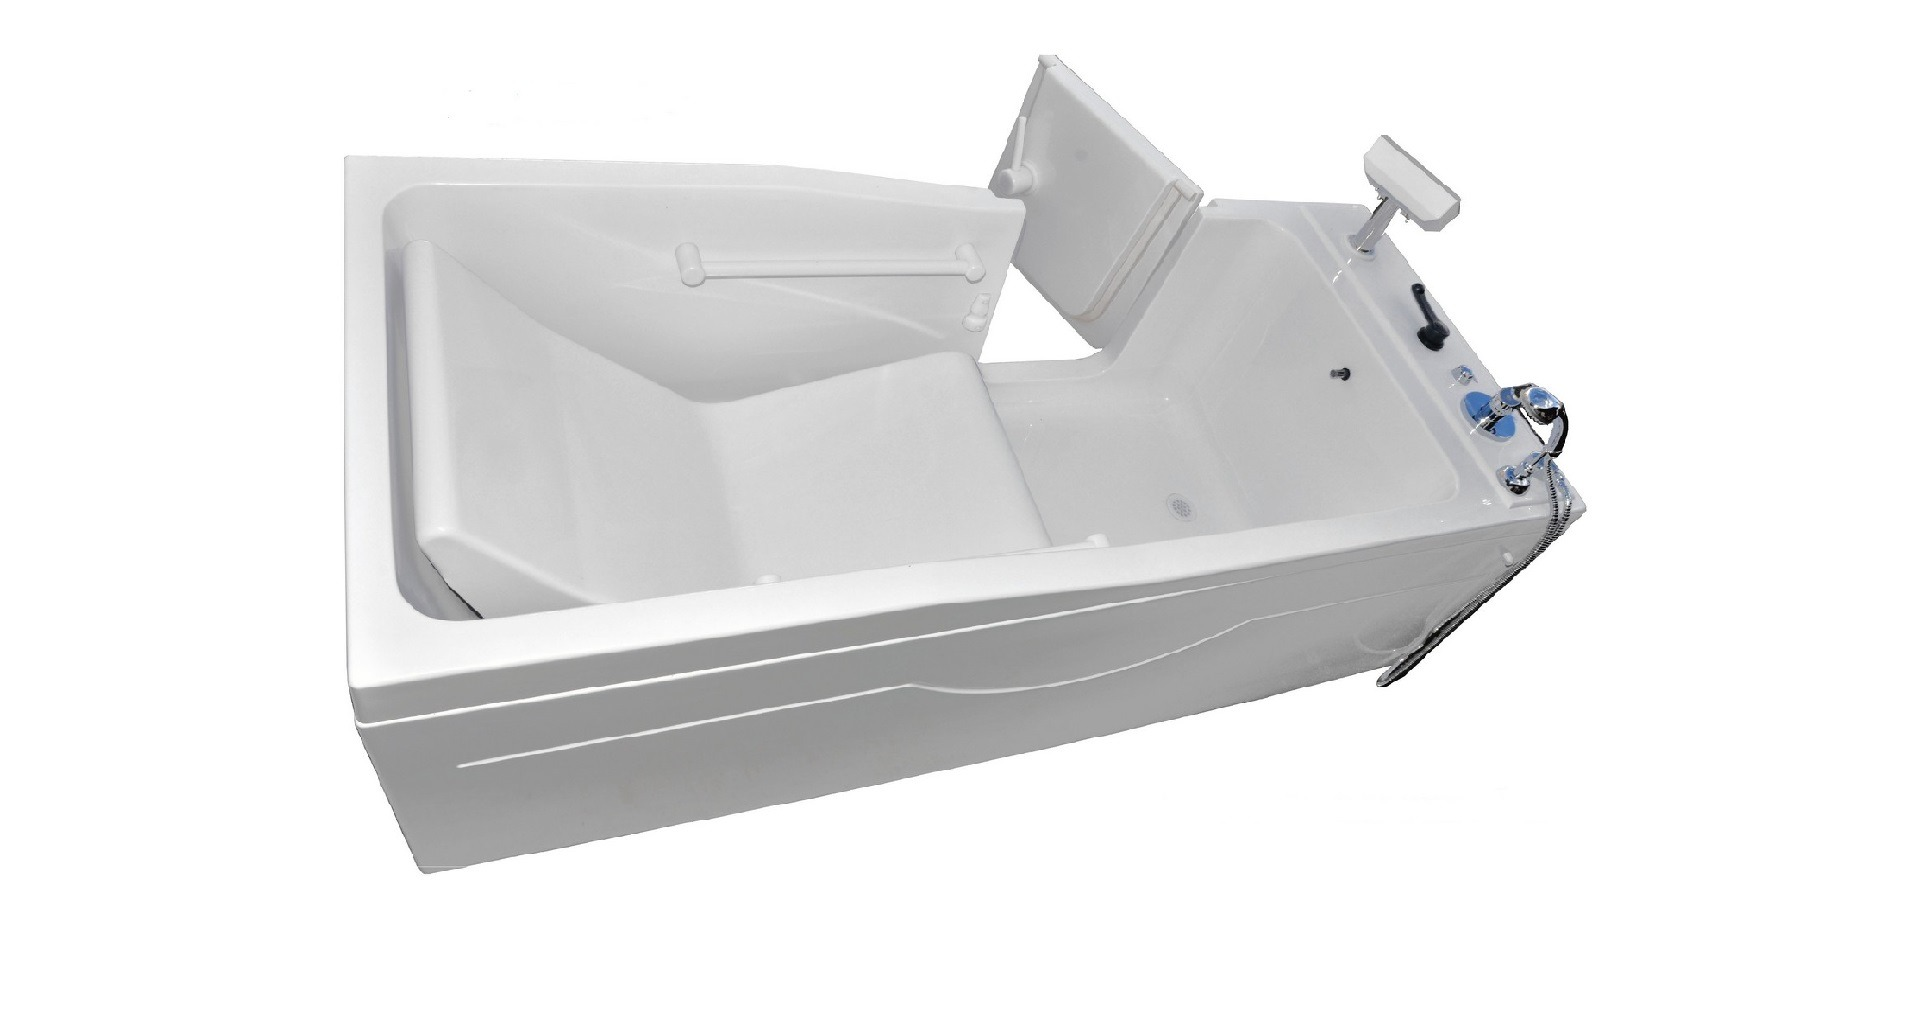 Пароуглекислая ванна «Оккервиль» с дверцей